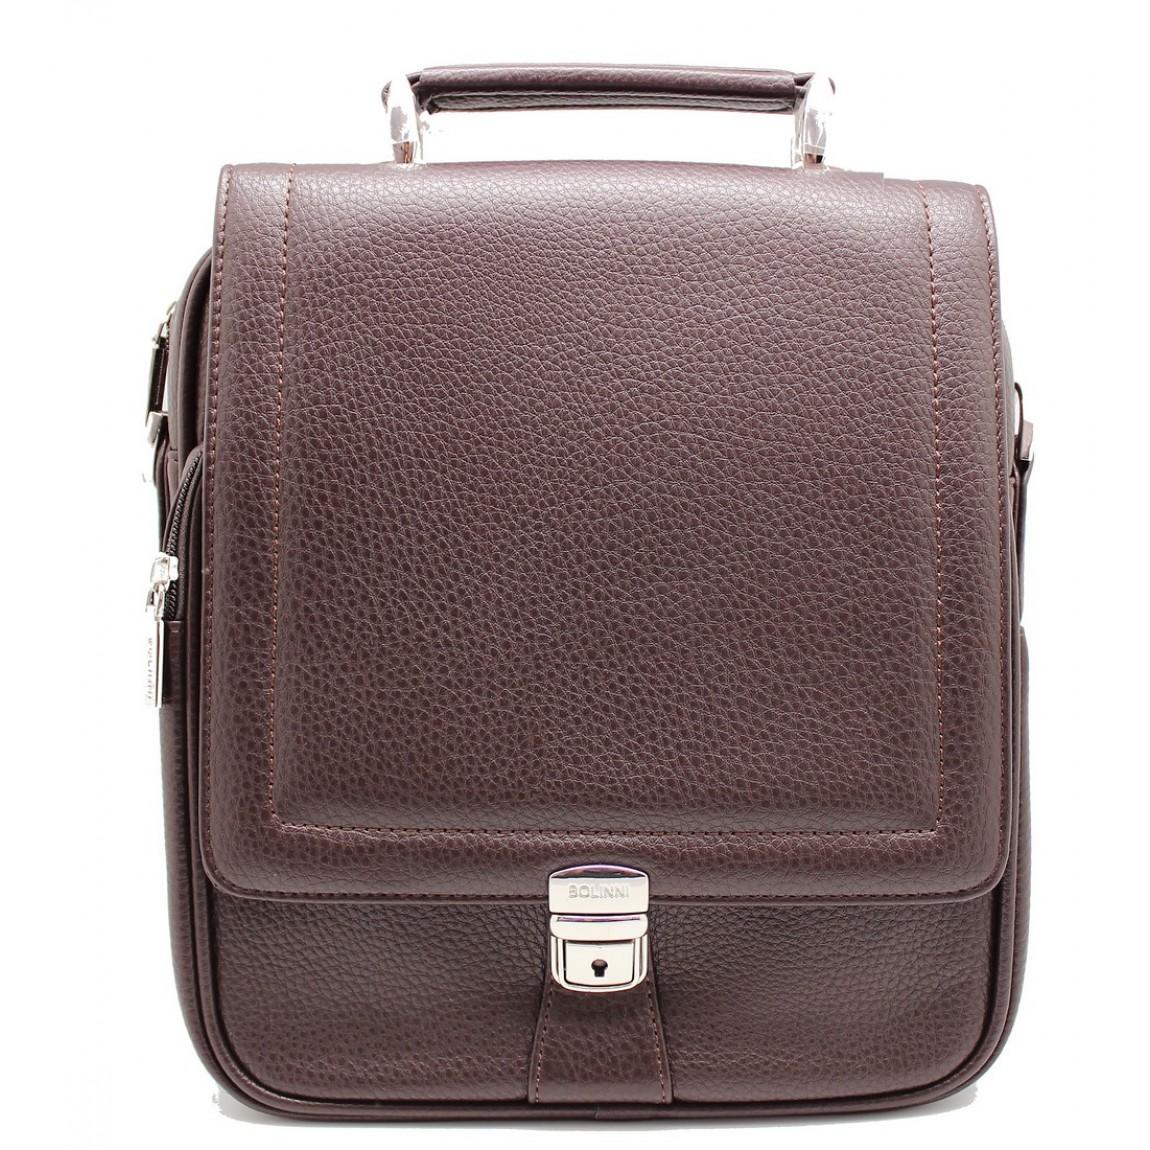 5e600c73454a Мужские сумки купить в интернет магазине 1ПрикиД Ру.